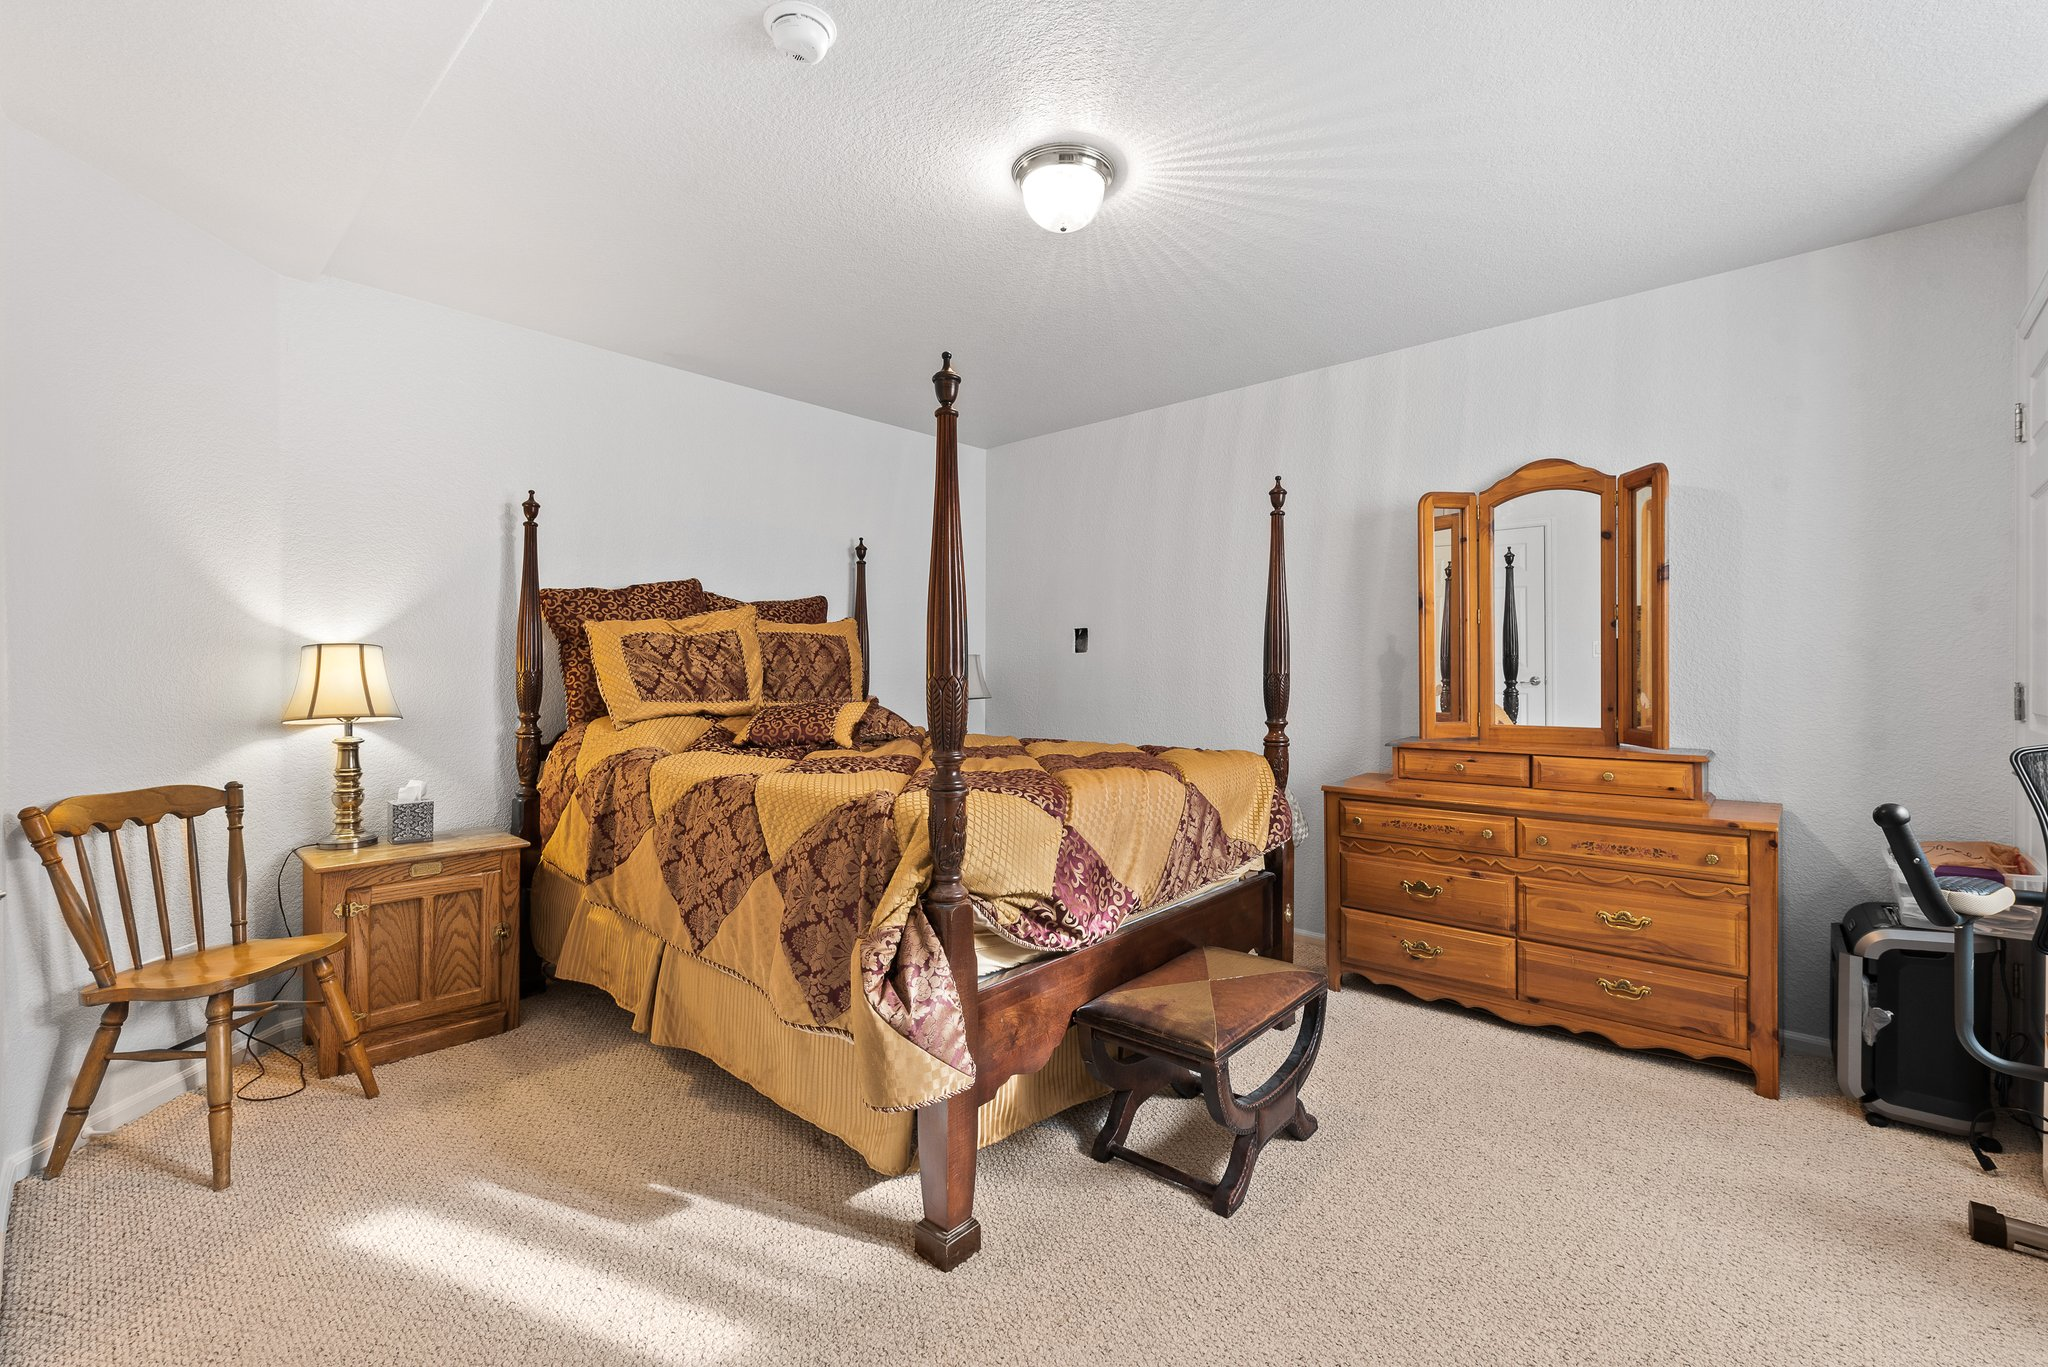 Bedroom 4 with huge walk-in closet